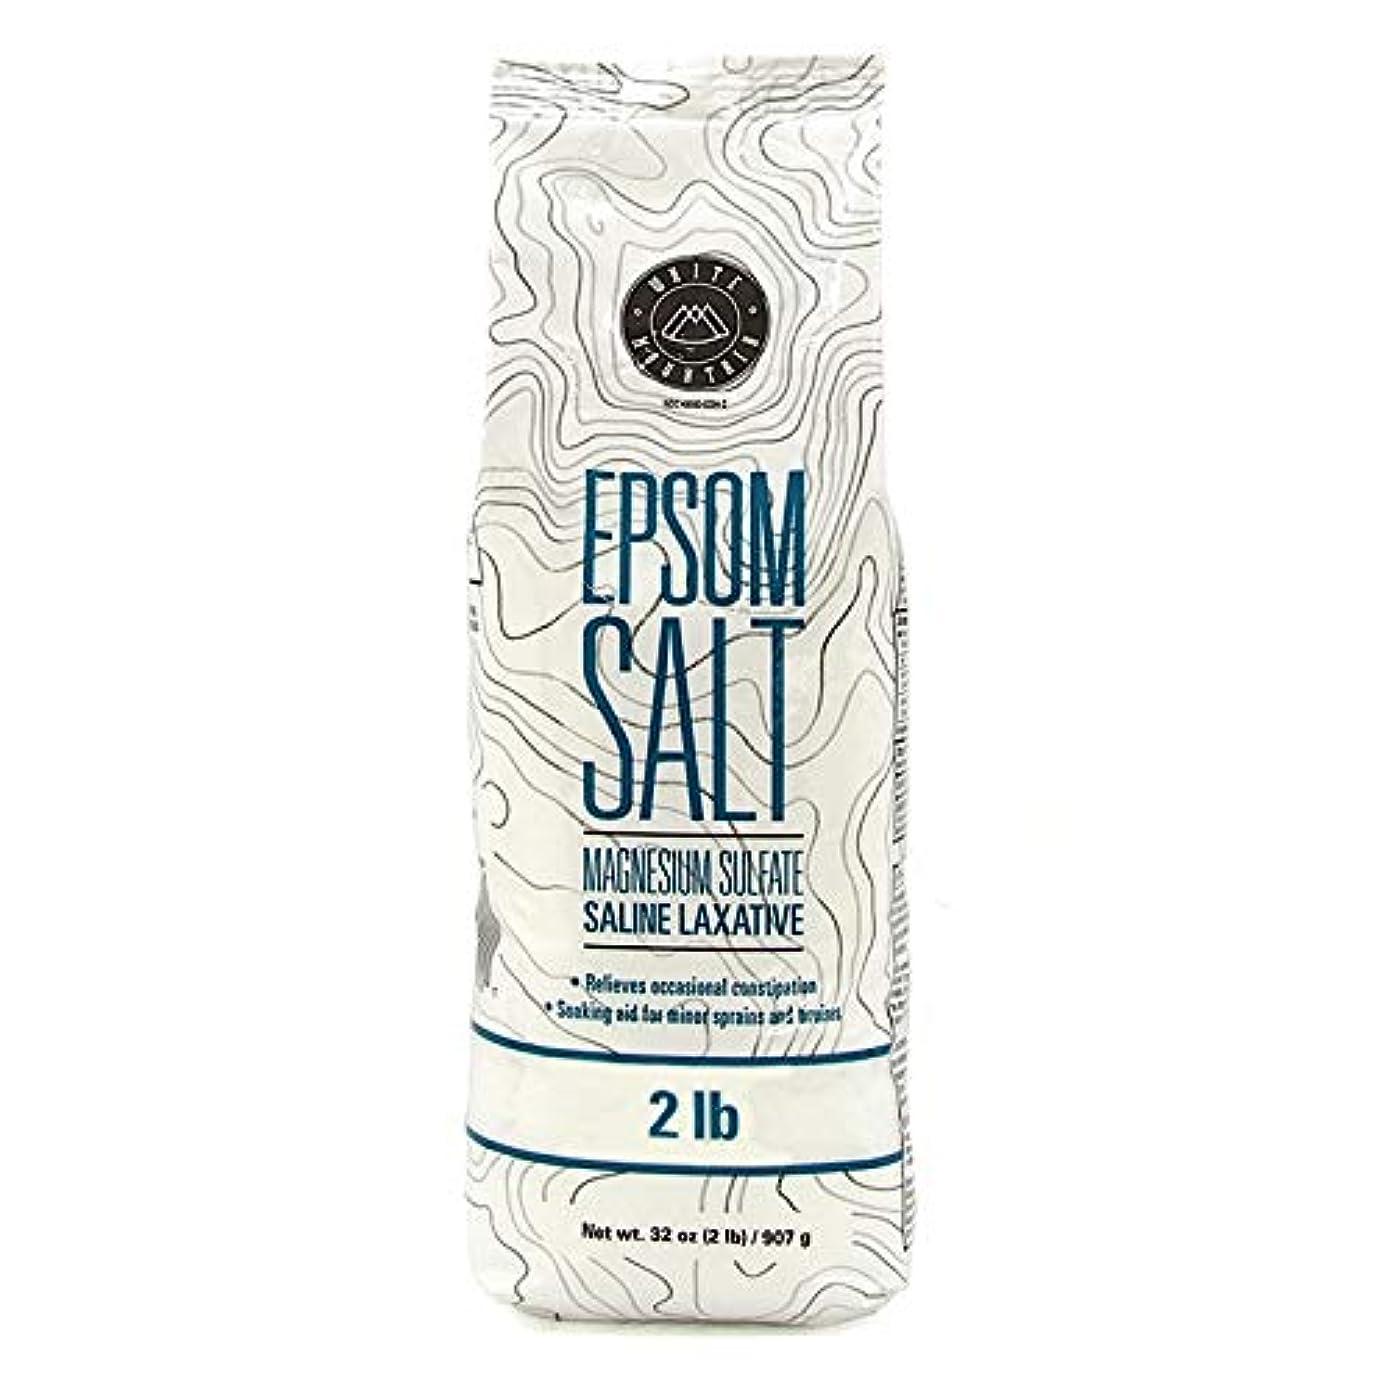 請求書兵隊スキャンダルEpsom Salt エプソムソルト / 100% Natural Mineral / エプソム塩 / マグネシウム入浴剤 / 無色?無臭